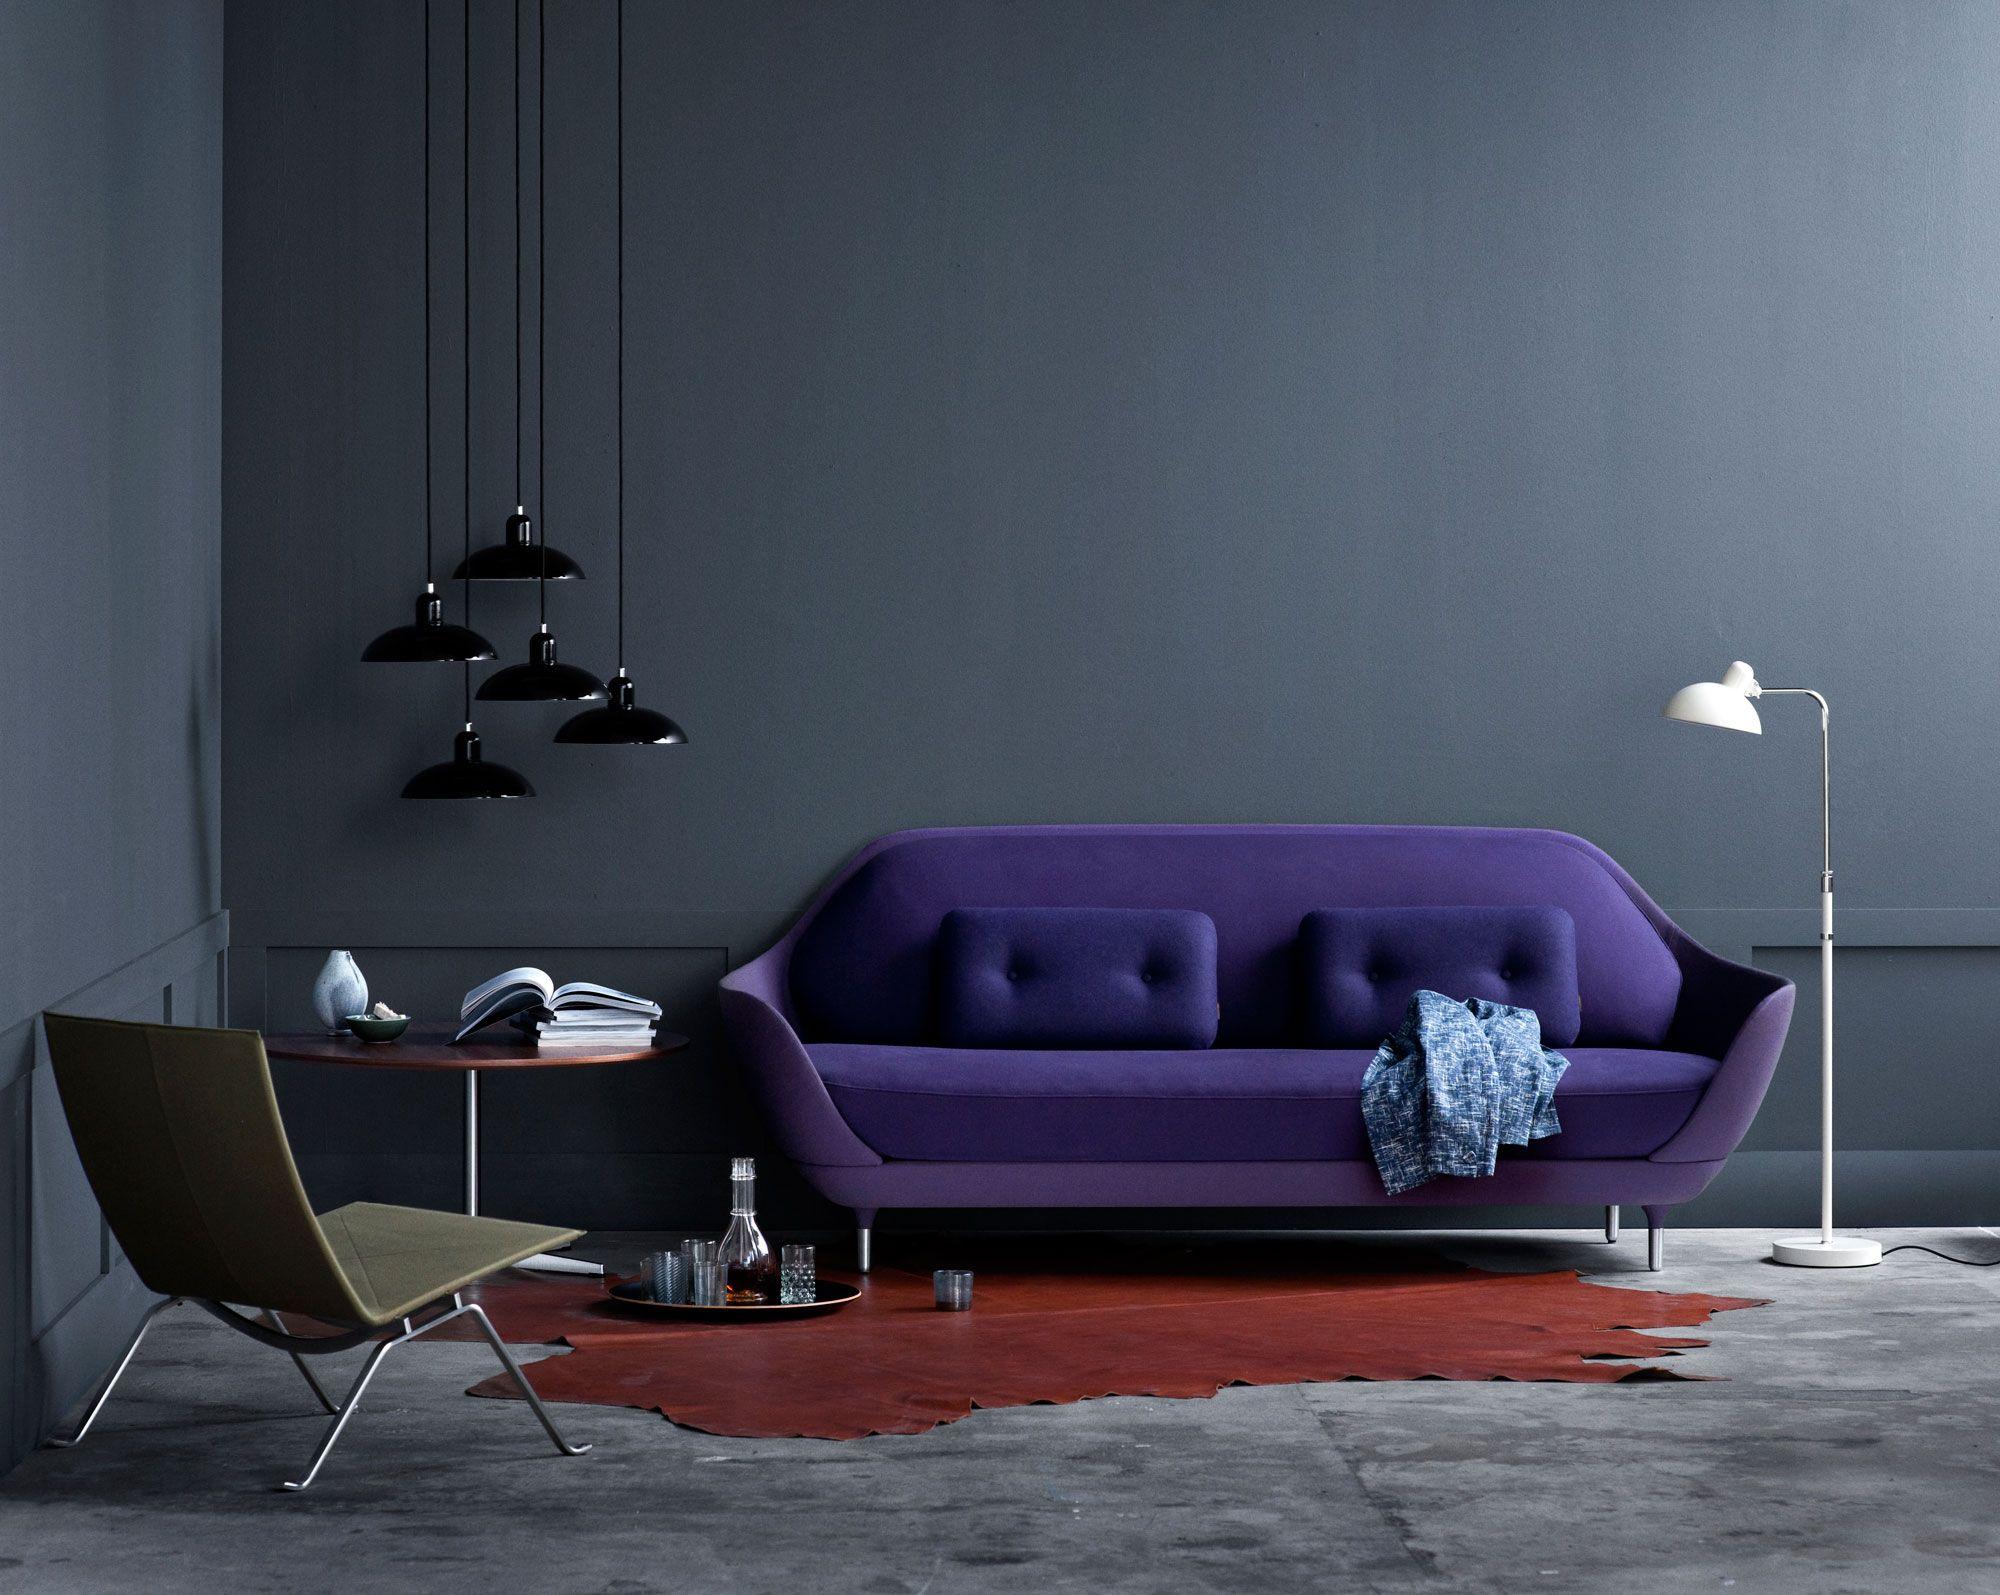 Mobler Timm Mobler Sofa Design Favn Sofa Luxury Furniture